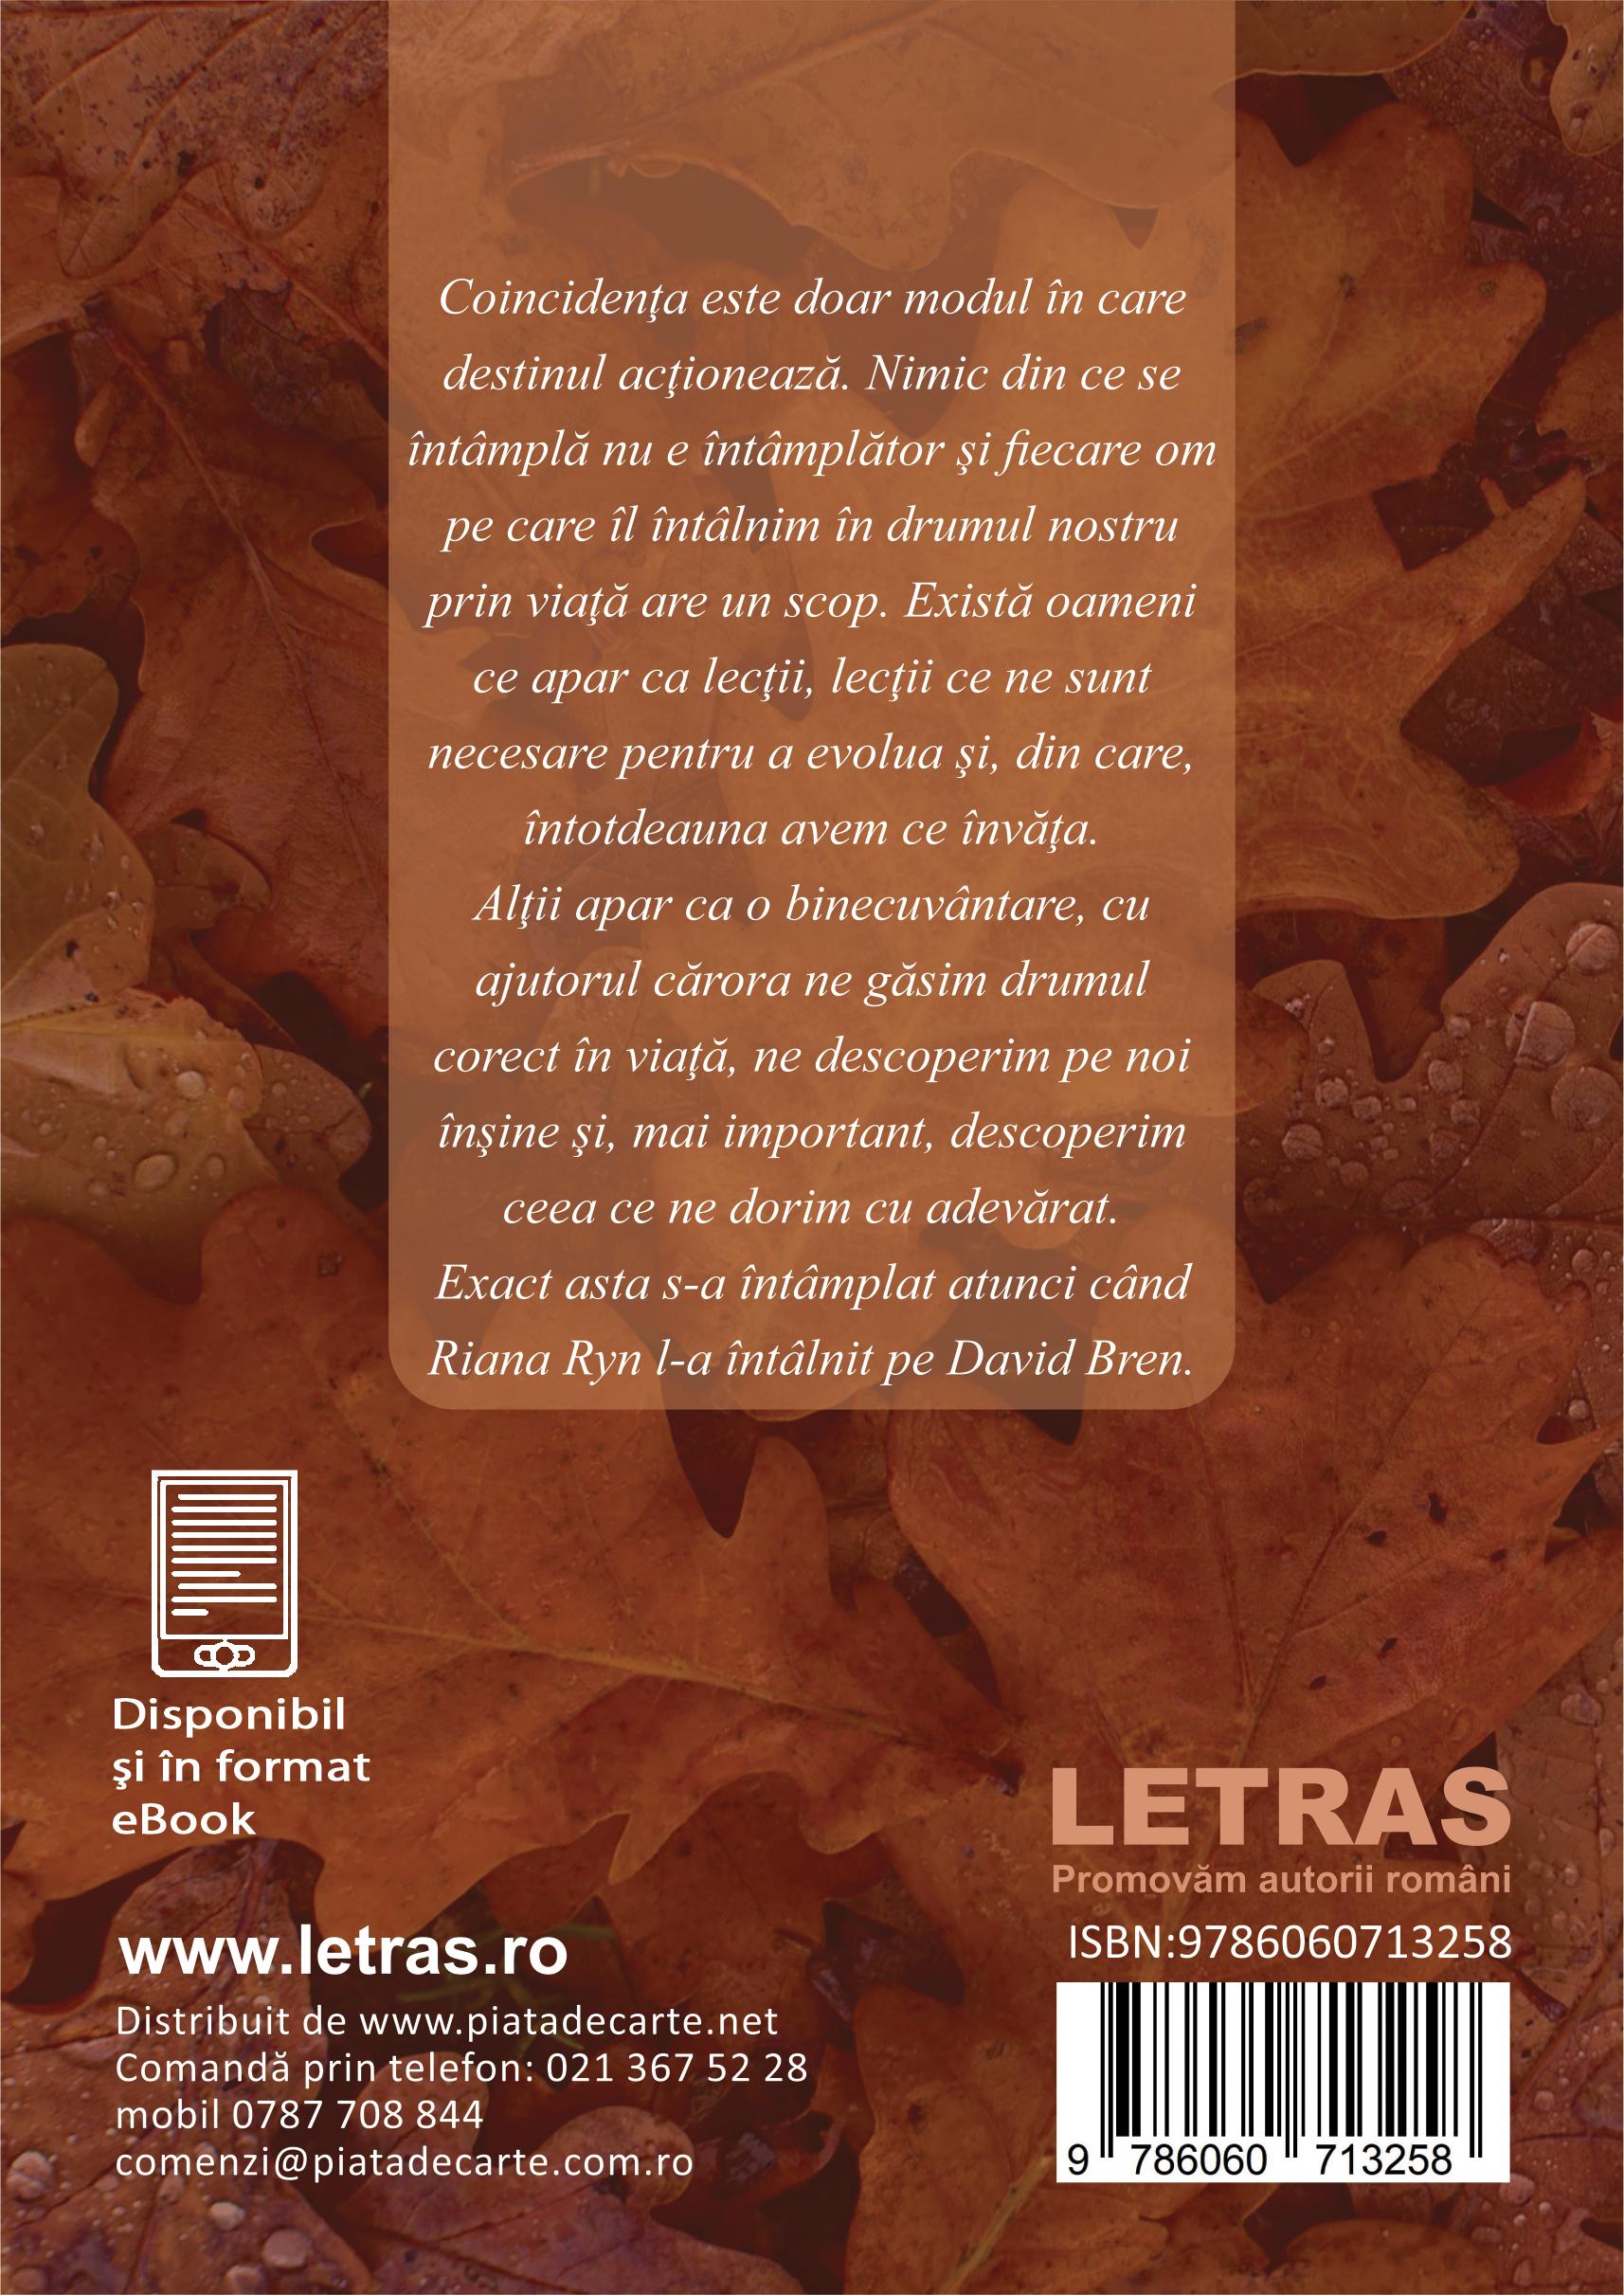 coperta 4 Tot ce nu ți-am spus (ed. tipărită) - Autor: Nico Bicann - Editura Letras, 2021